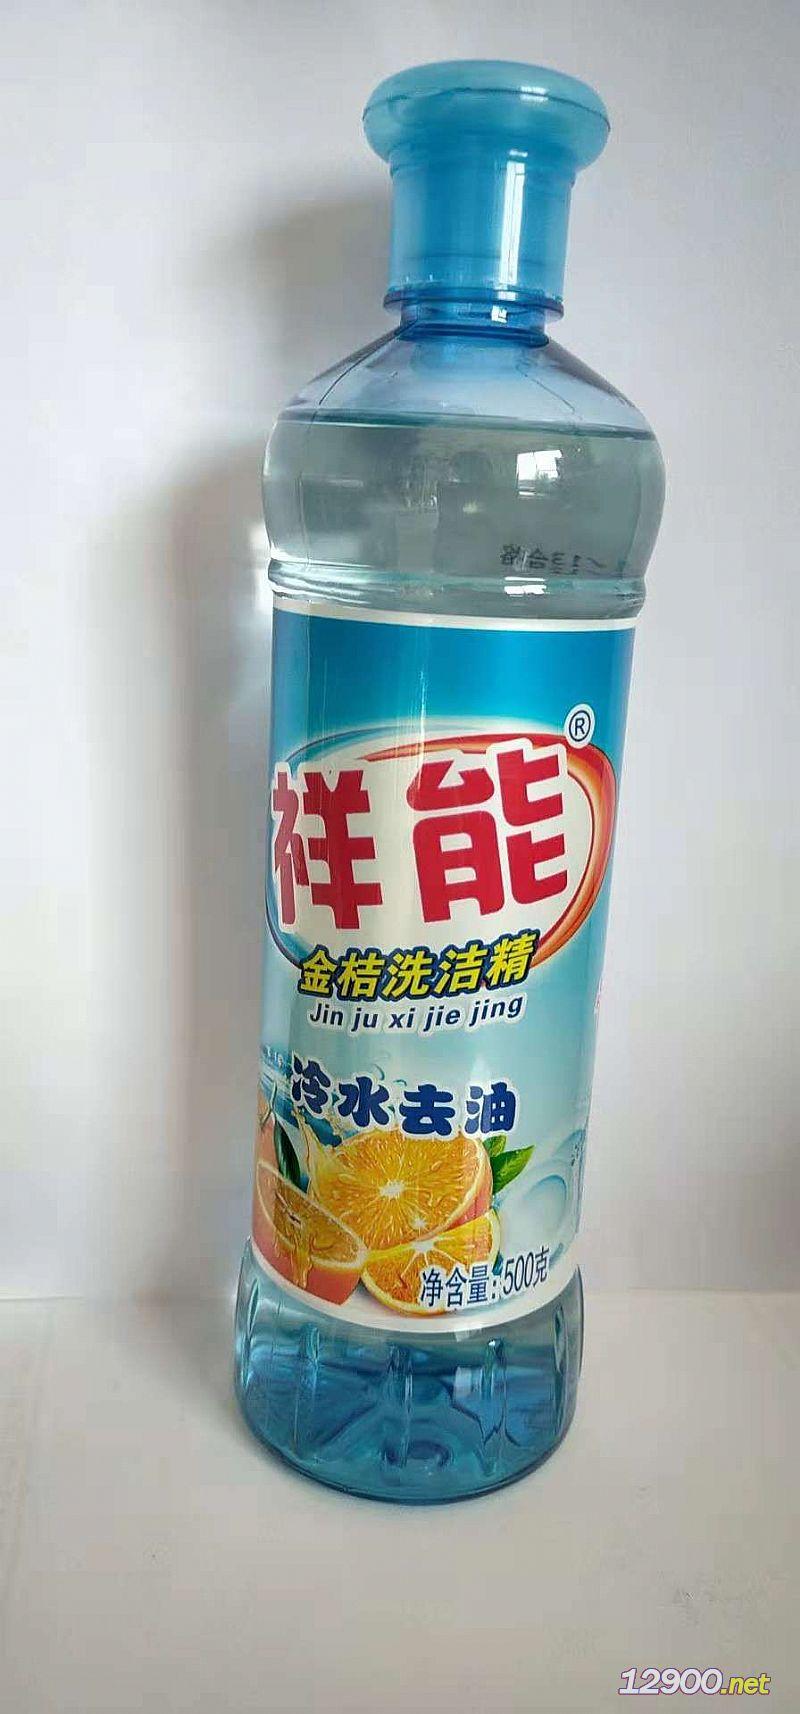 檸檬洗潔精500g-- 廣州市騰豐機械設備有限公司